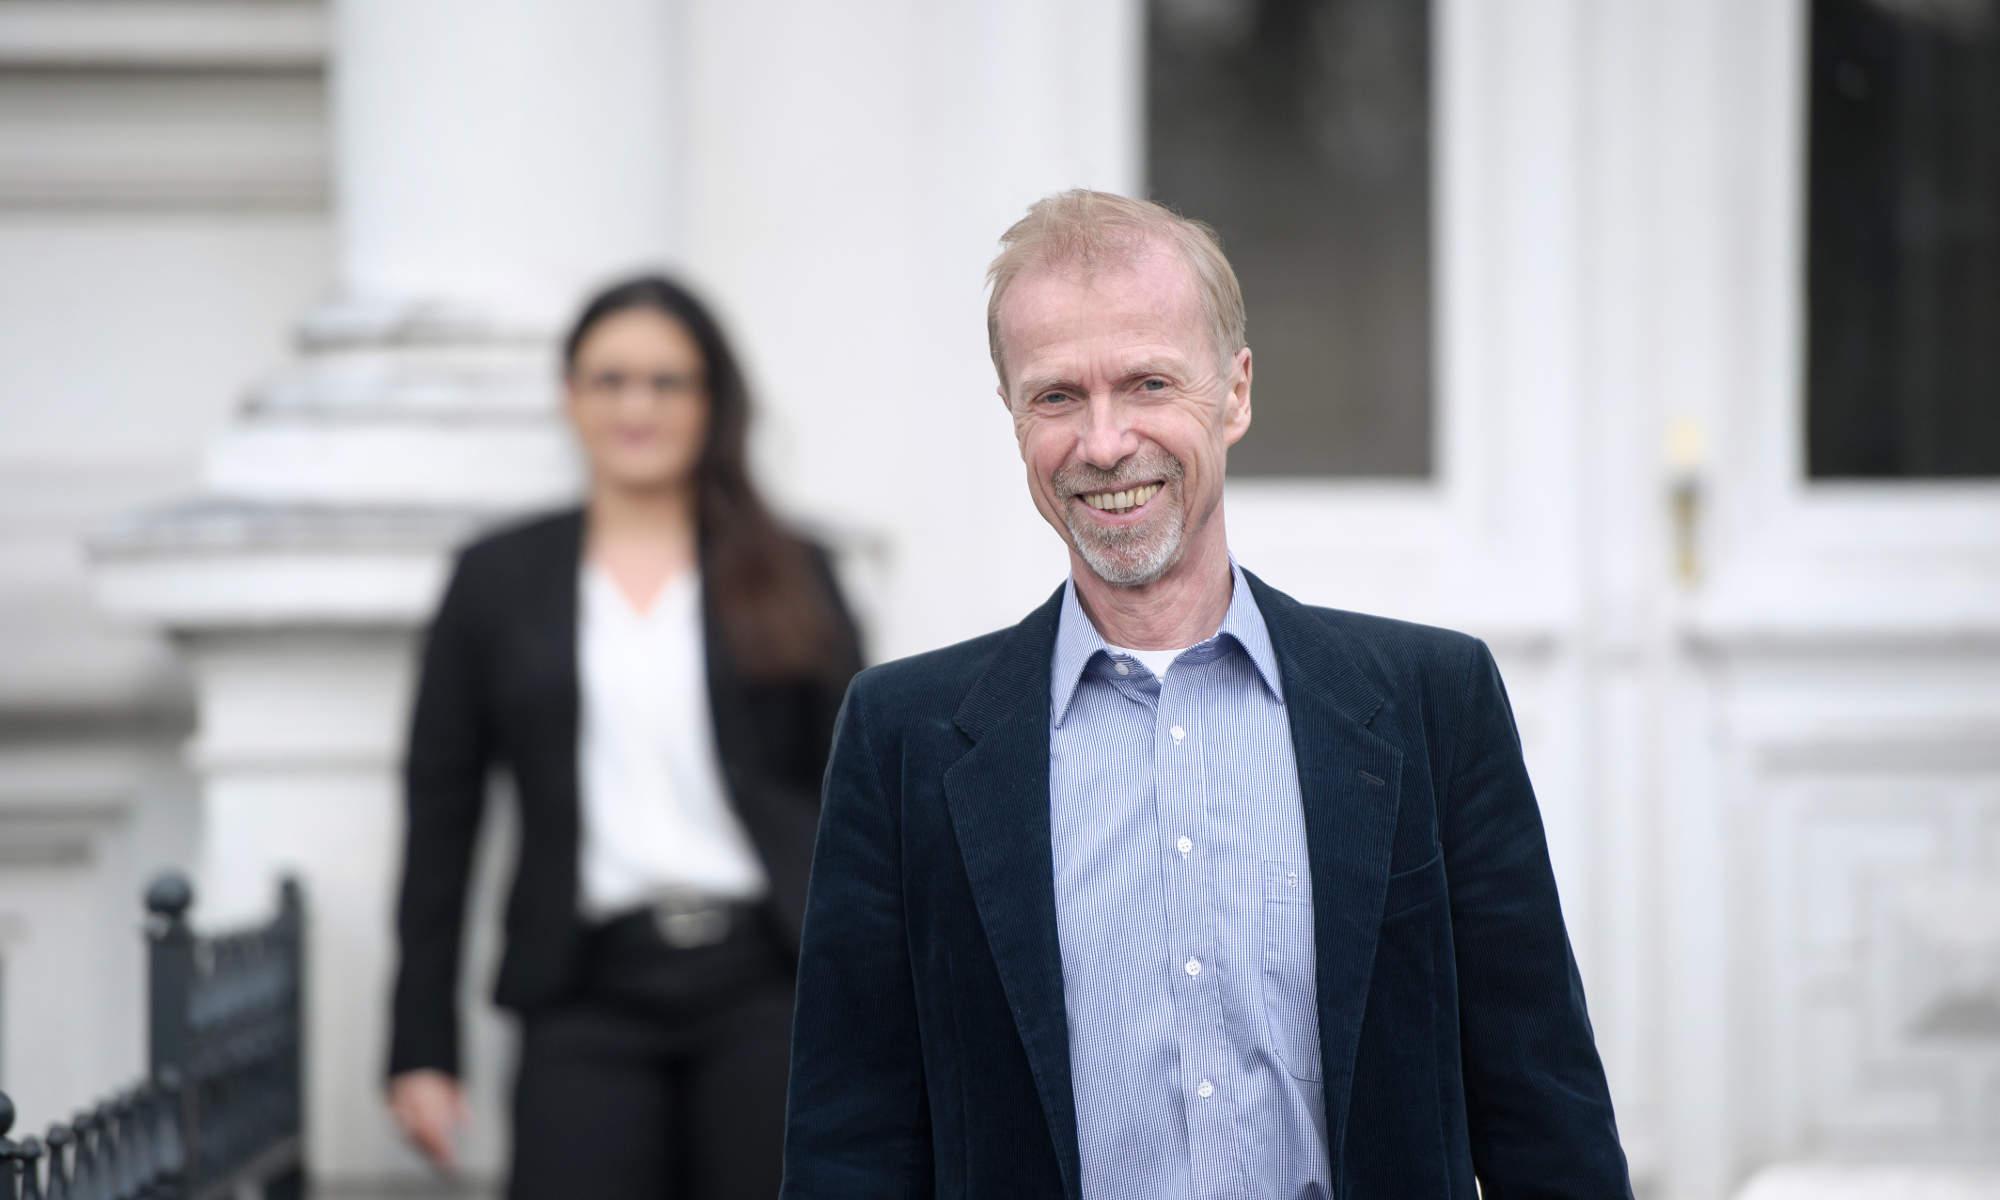 Rechtsanwälte für Verkehrsrecht Hamburg - im Vordergrund Rechtsanwalt Dwars